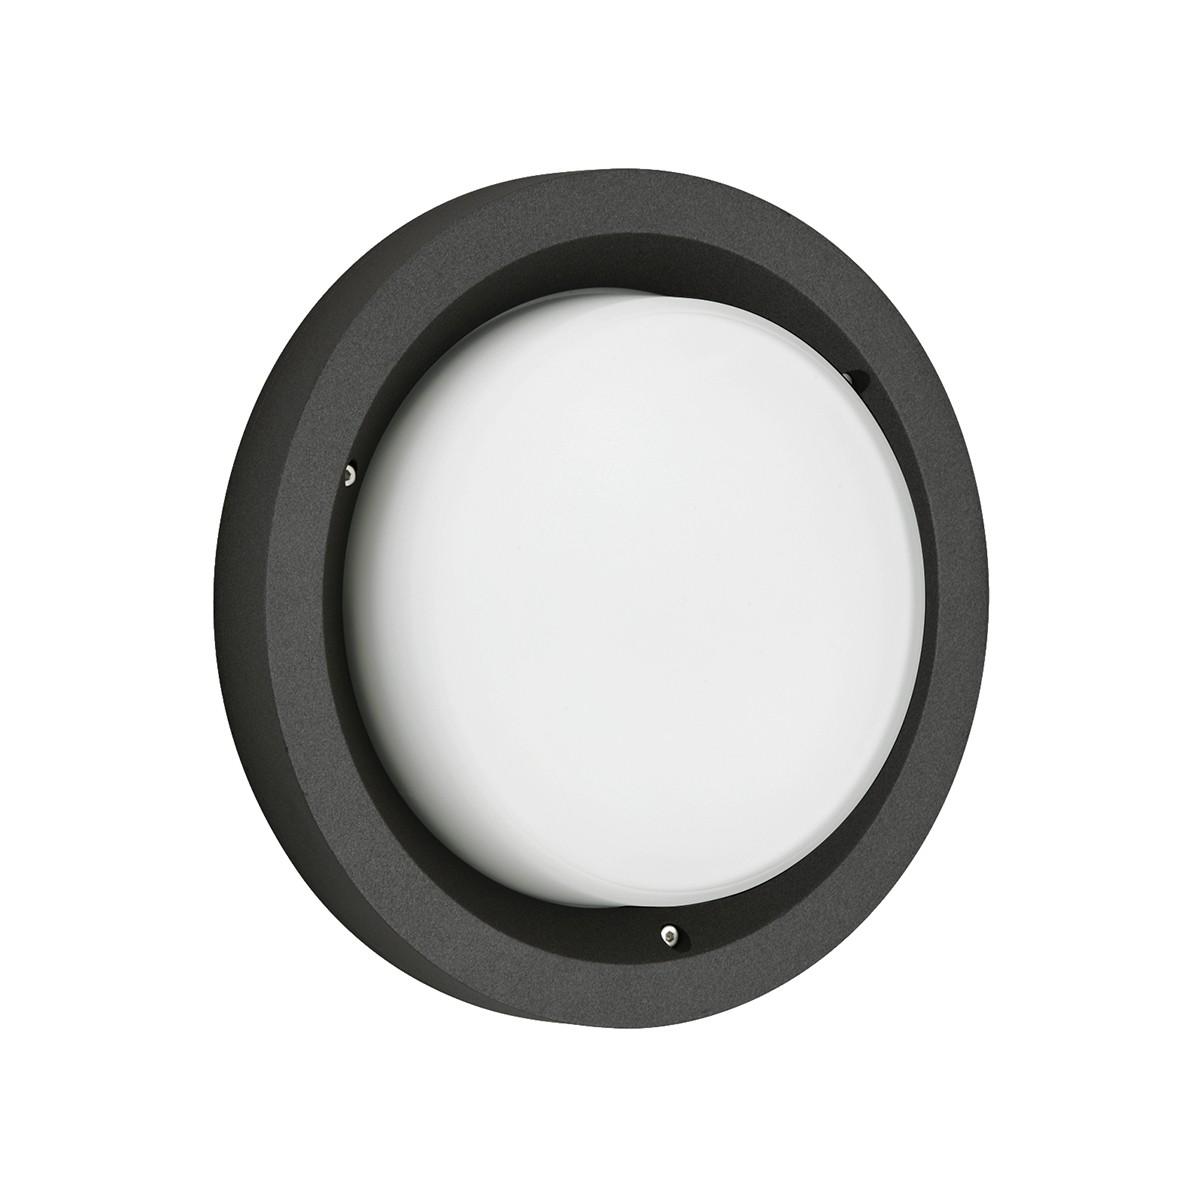 Albert 6410 Wand- / Deckenleuchte, schwarz